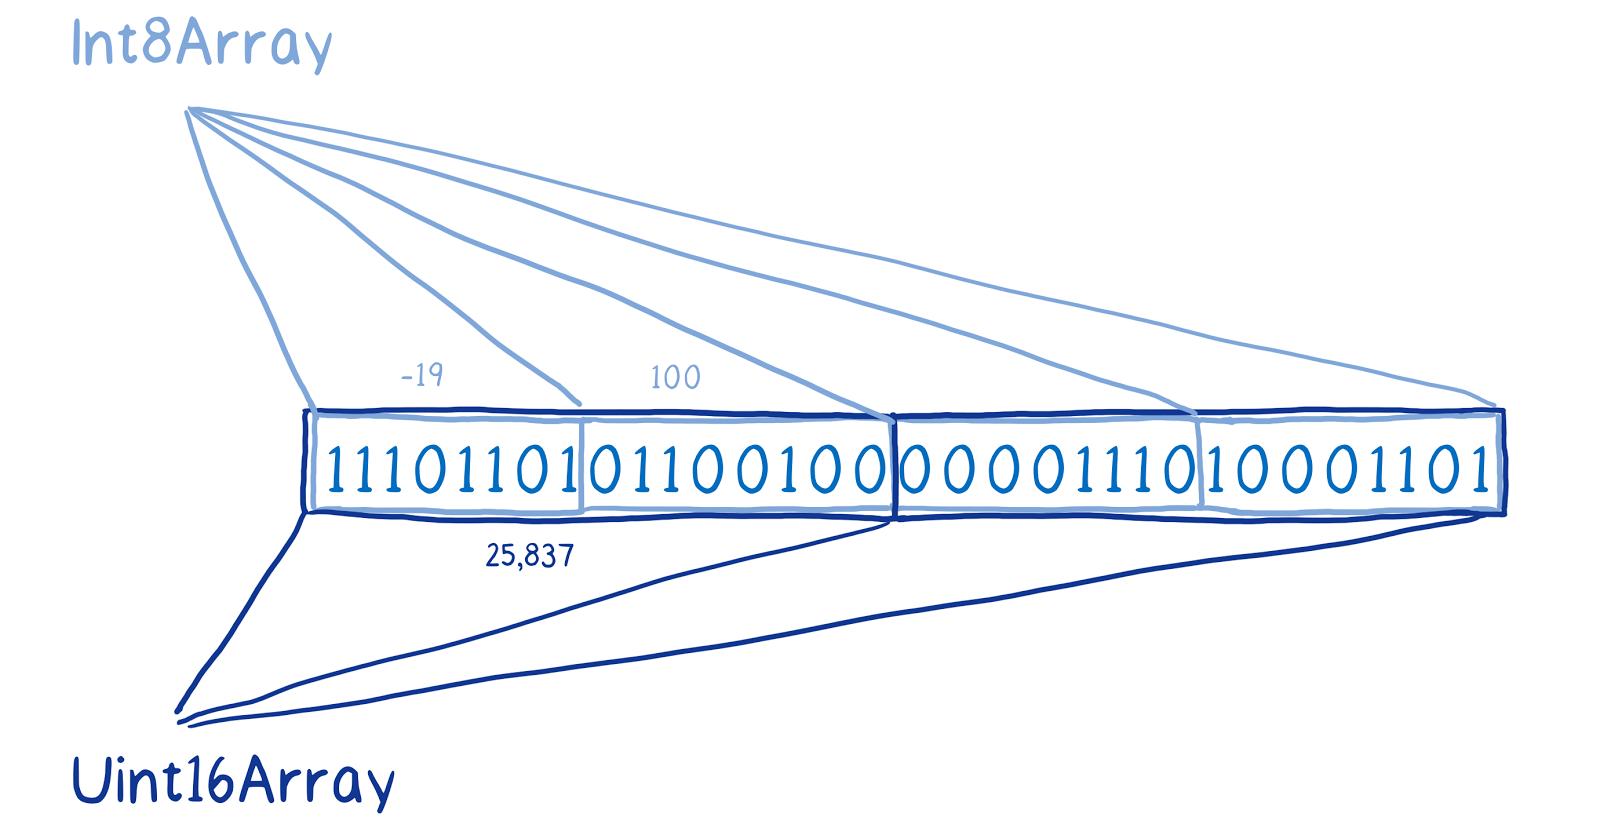 ArrayBuffer и SharedArrayBuffer в JavaScript, часть 2: знакомство с новыми объектами языка - 8